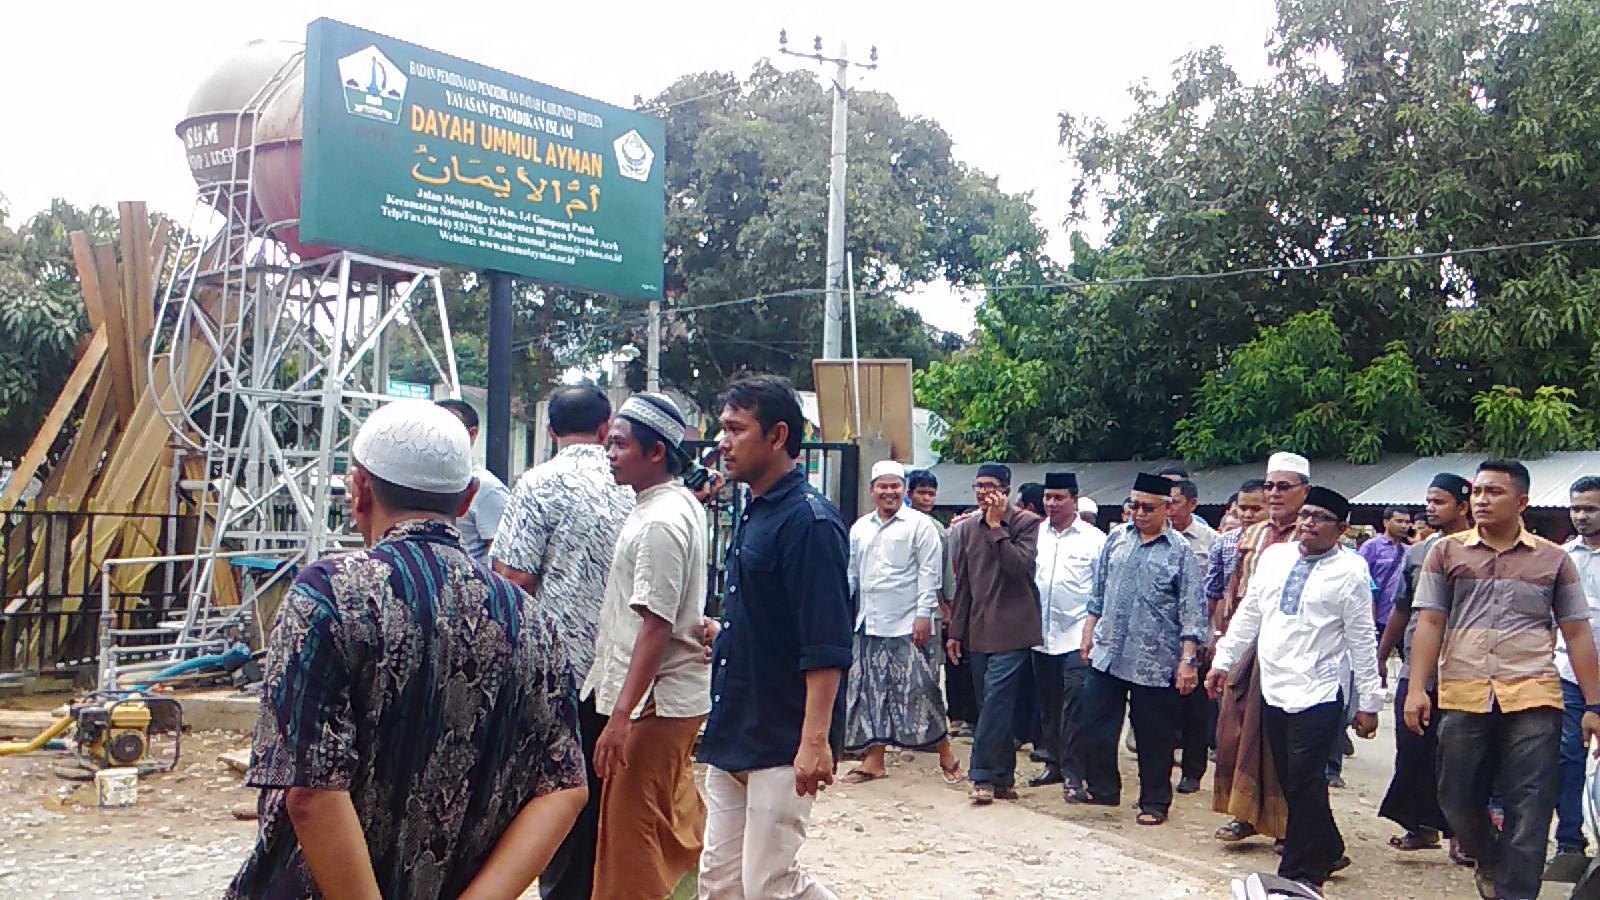 Hari Keempat Banjir, Gubernur Kunjungi Ummul Ayman